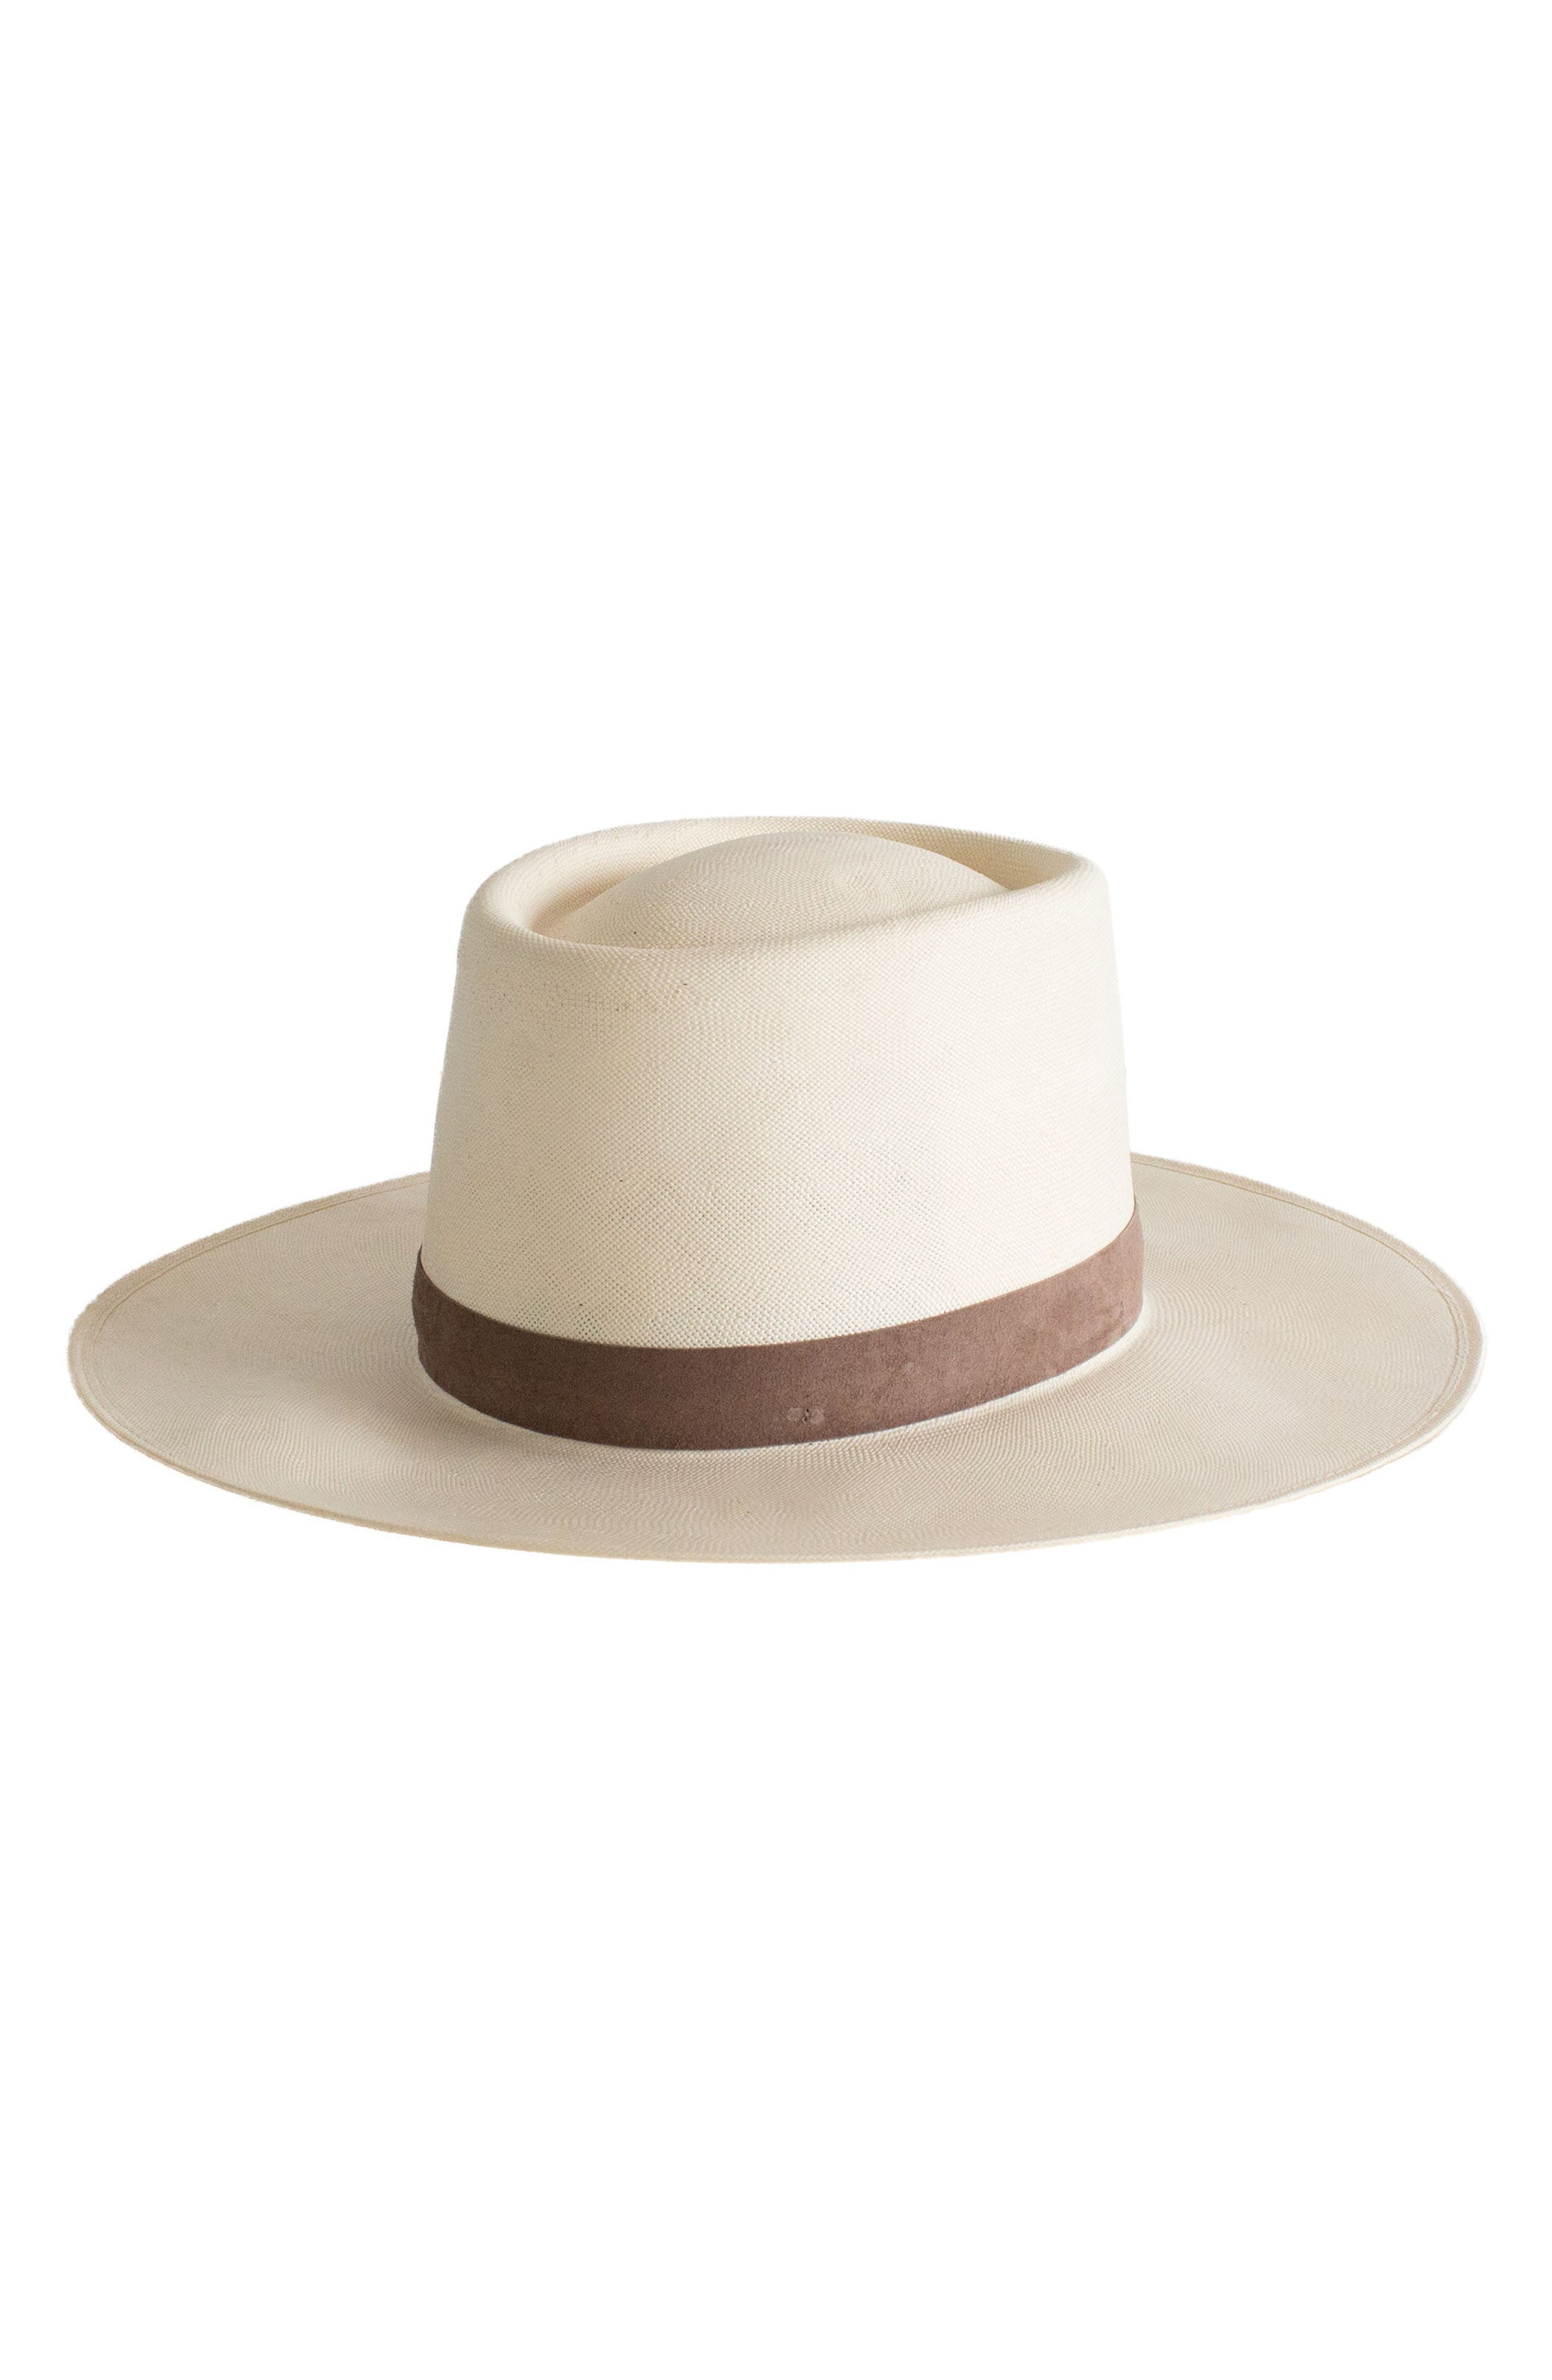 Shea Straw Hat,                             Main thumbnail 1, color,